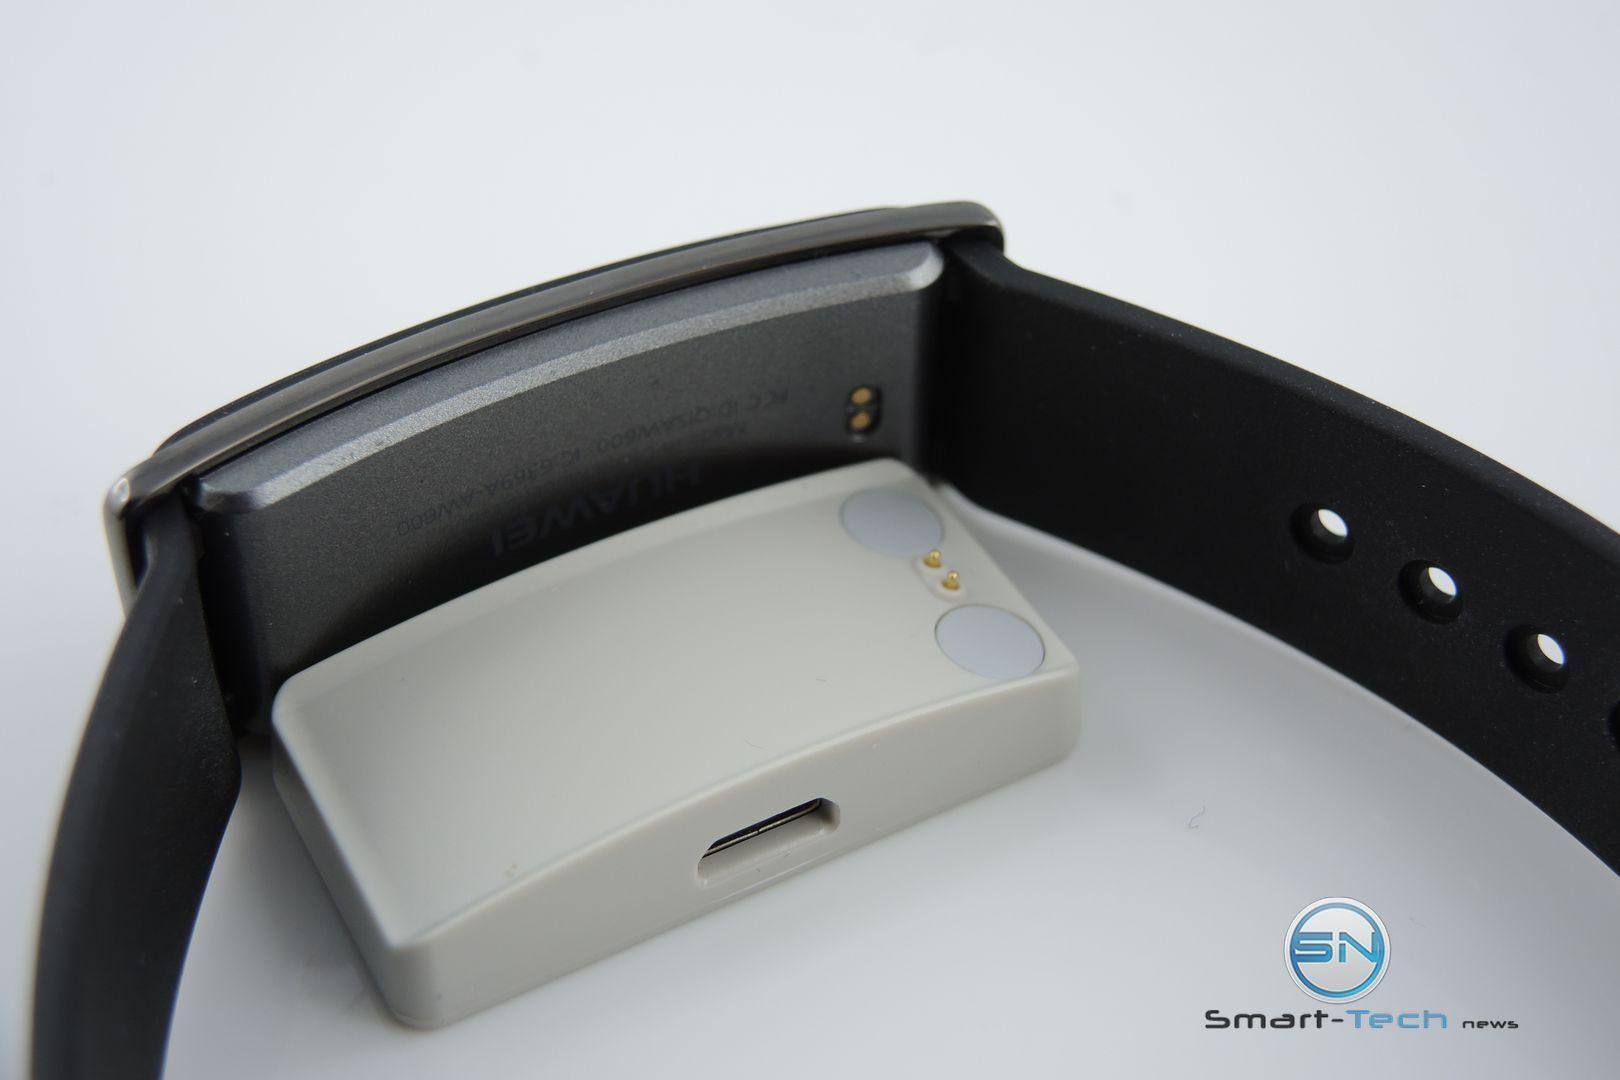 ladeschale-2-huawei-colorband-smarttechnews